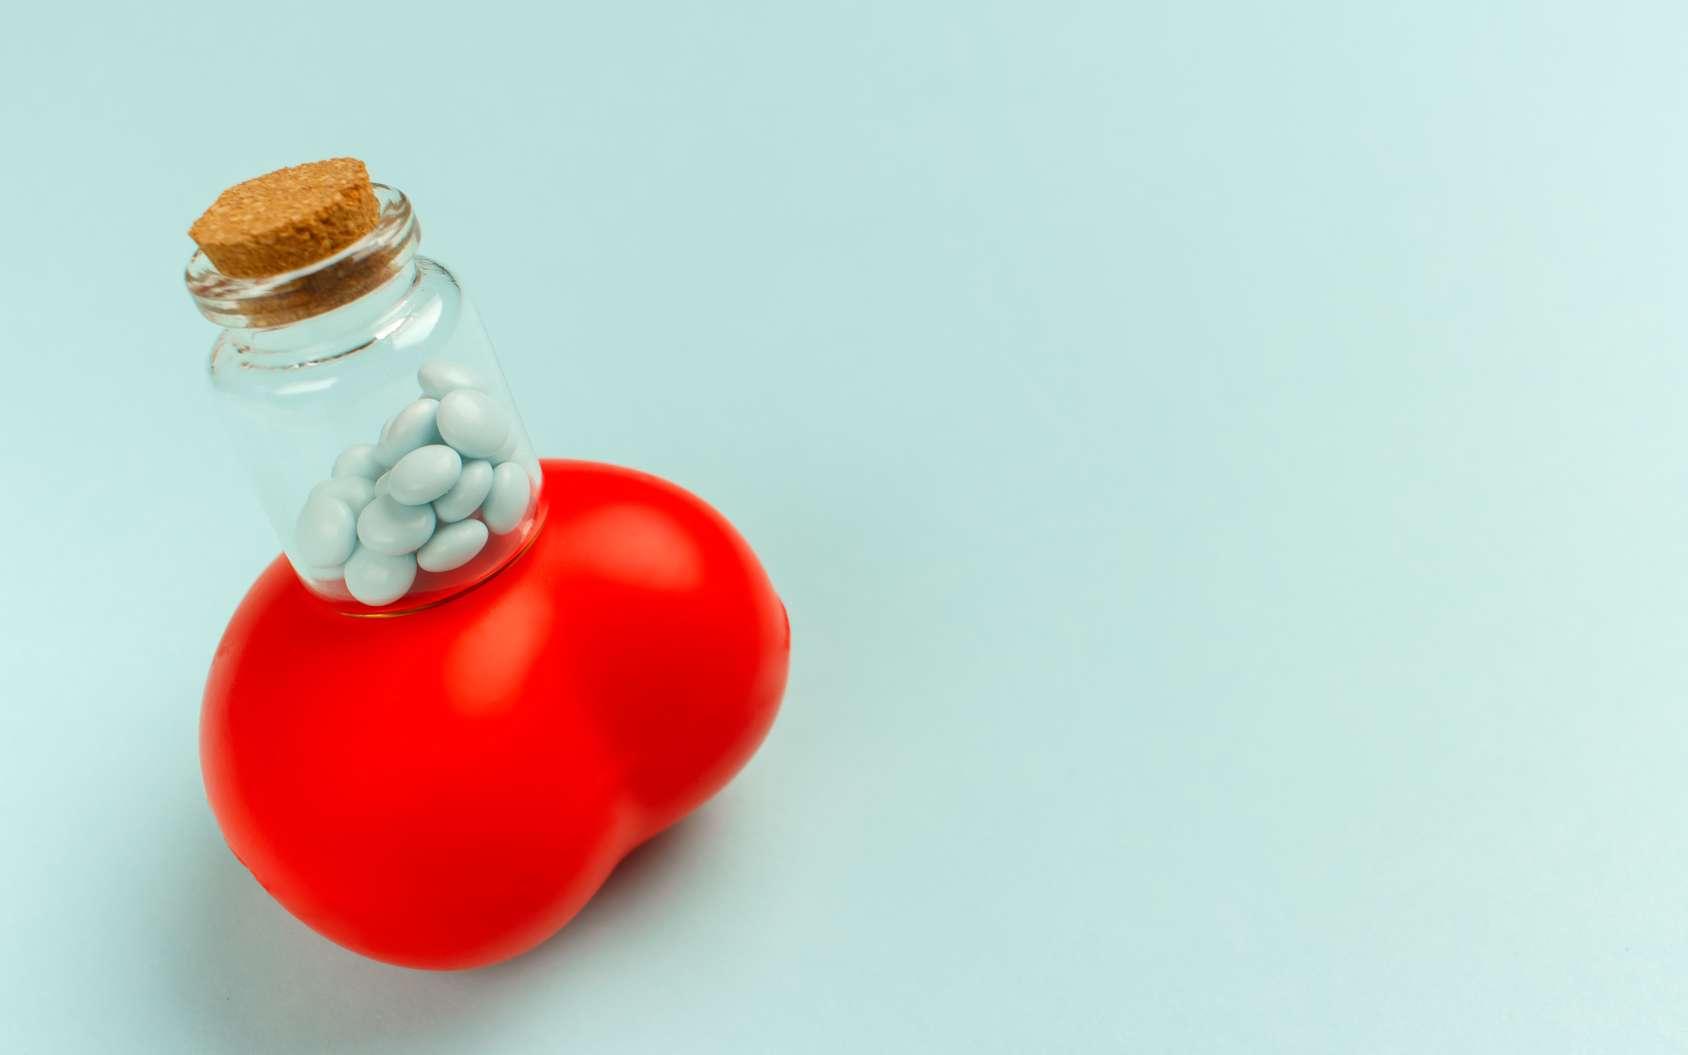 Un traitement préventif tout-en-un réduit le risque de mortalité par accident cardiovasculaire de 30 %. © Nataliia, Fotolia